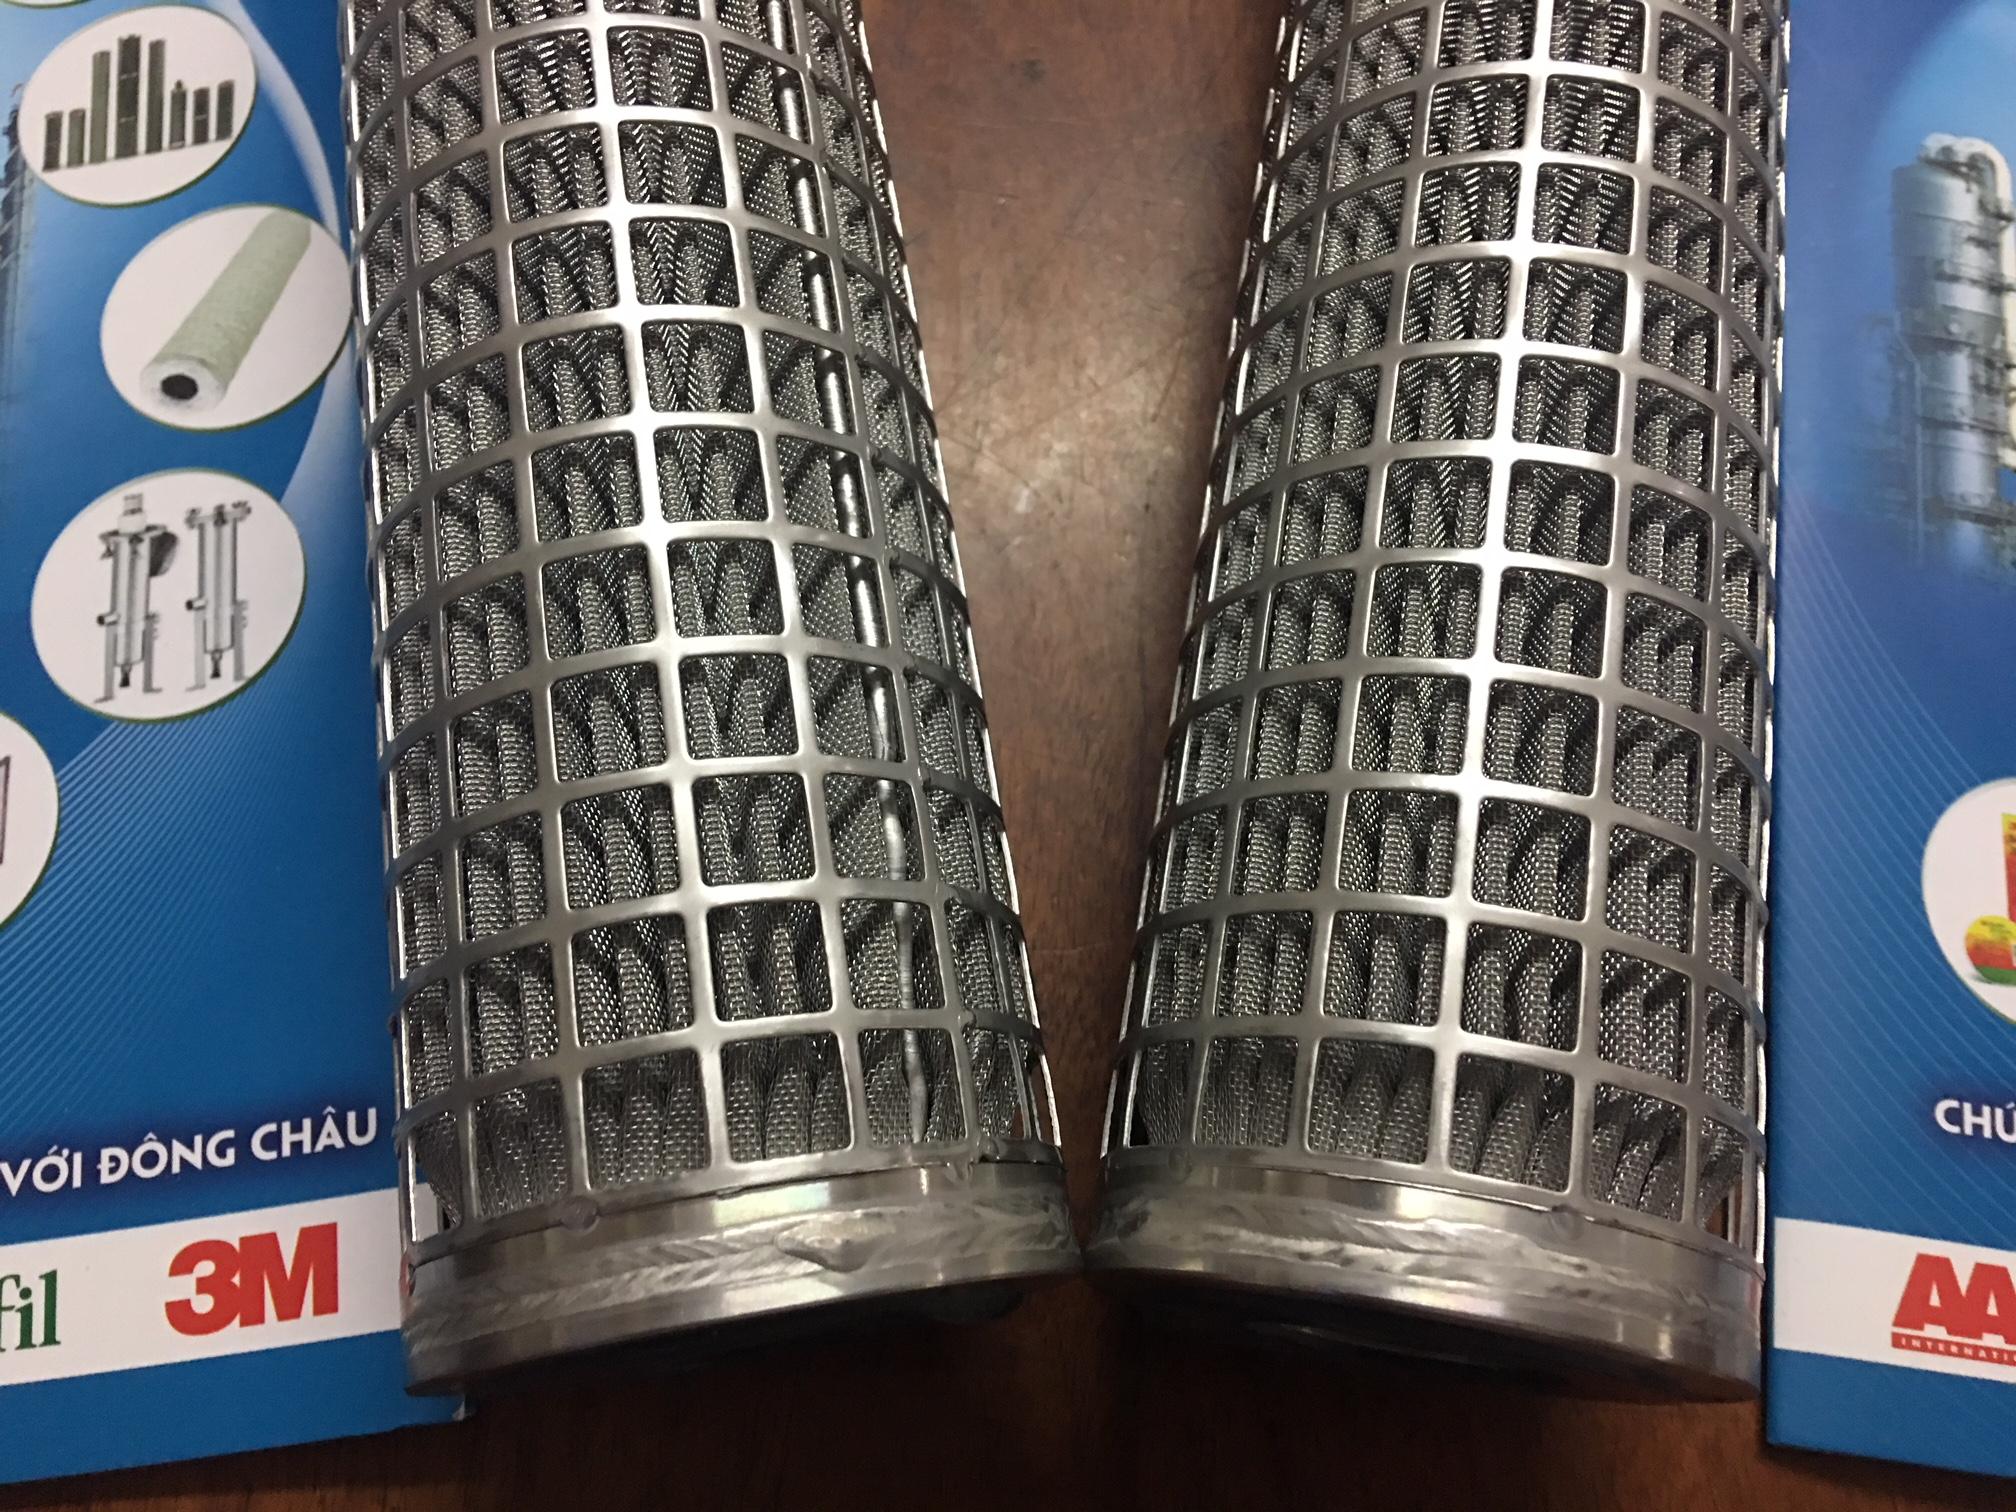 Lõi lọc inox 304 Universal 10 inch dạng gấp nếp